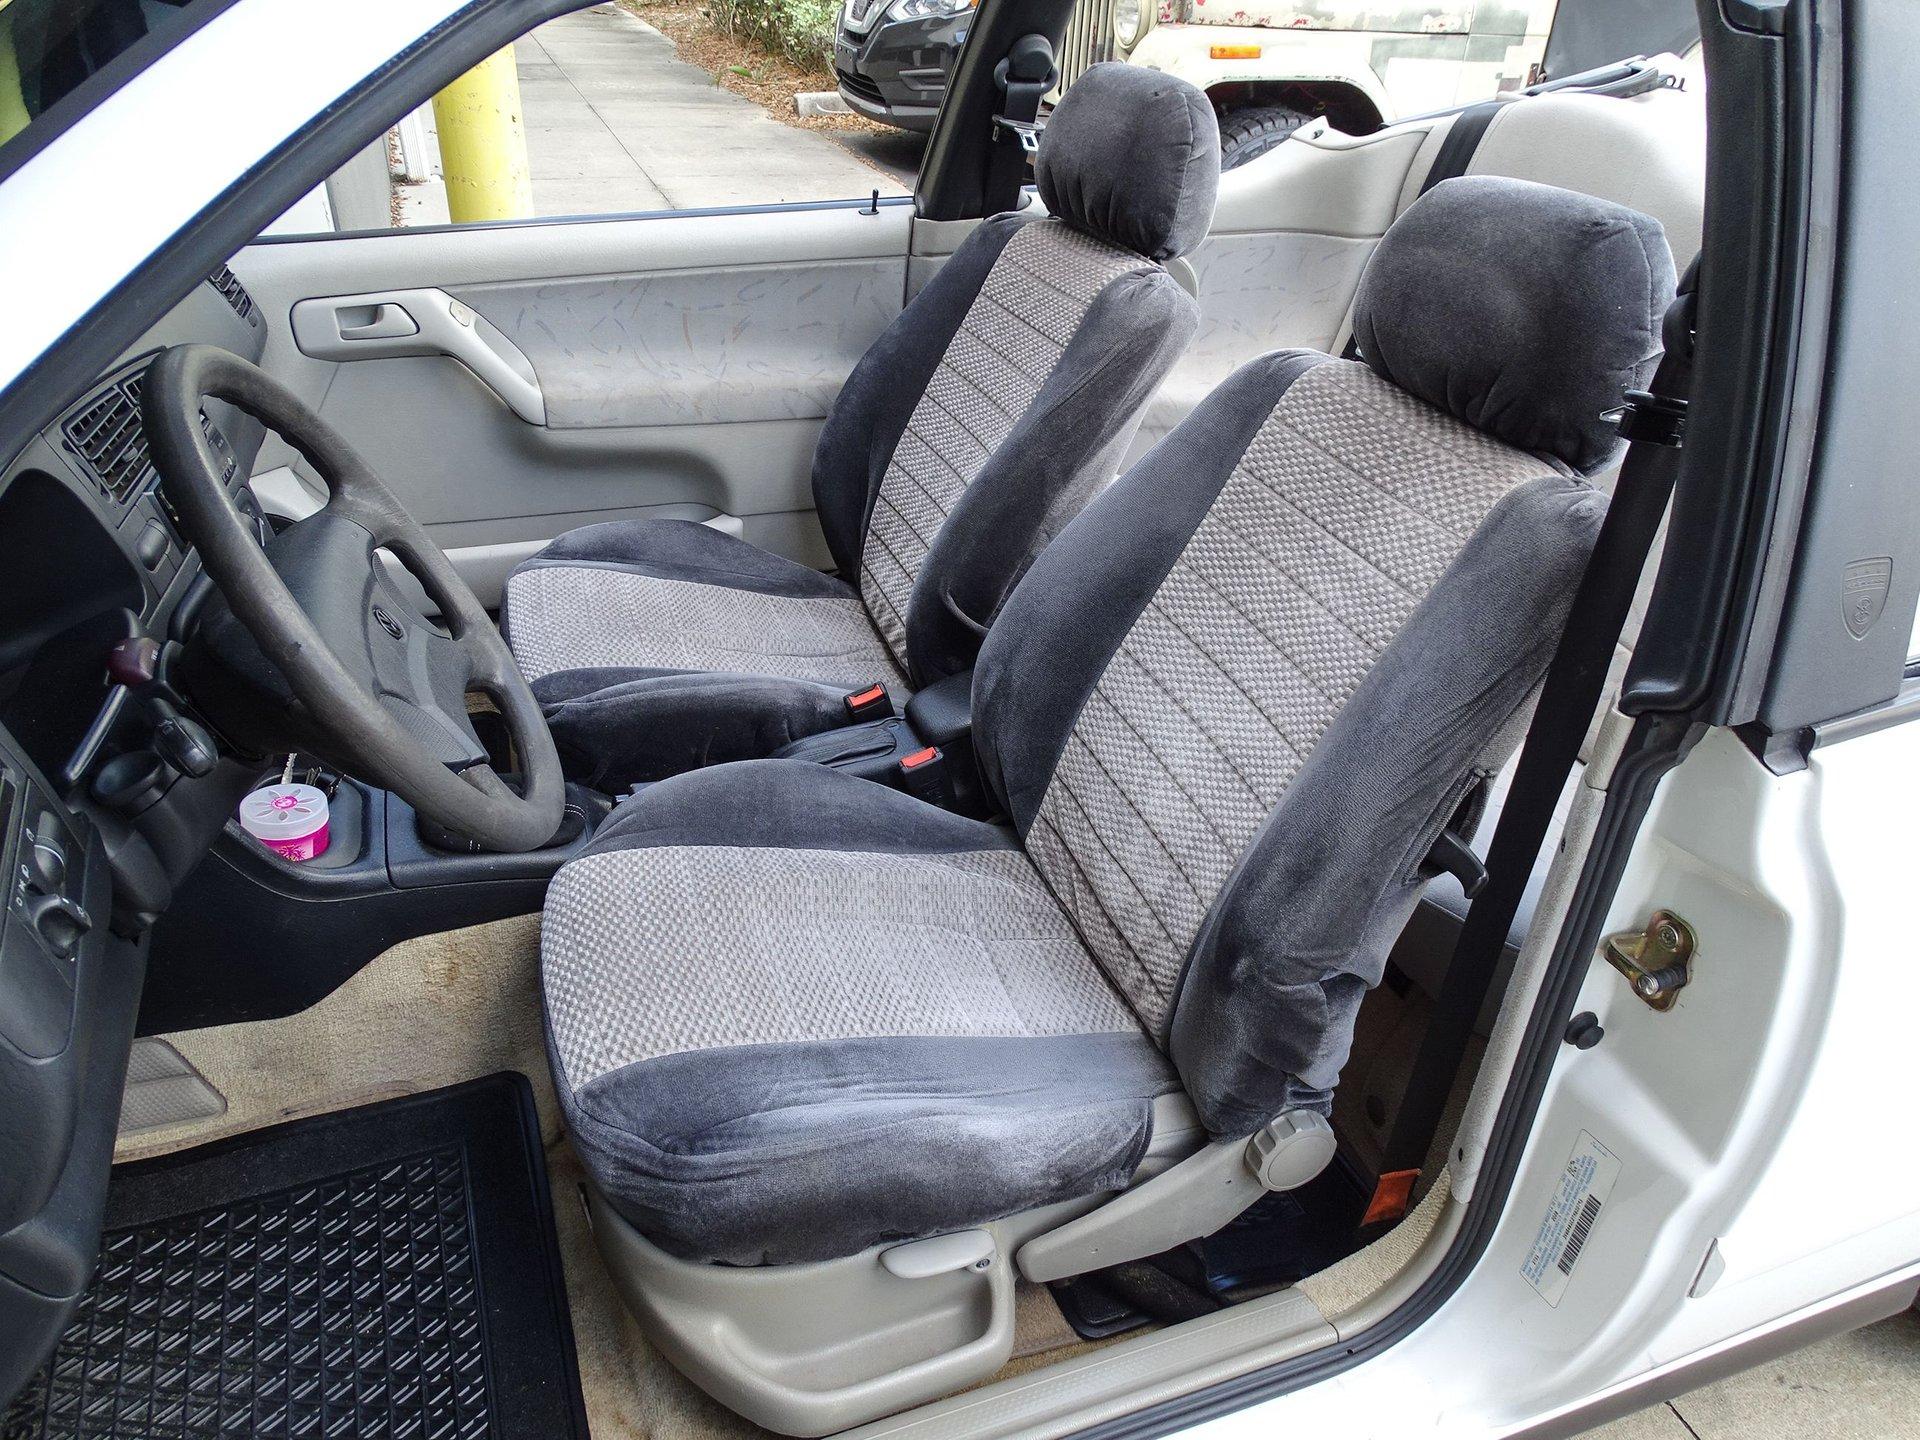 1996 Volkswagen Cabrio